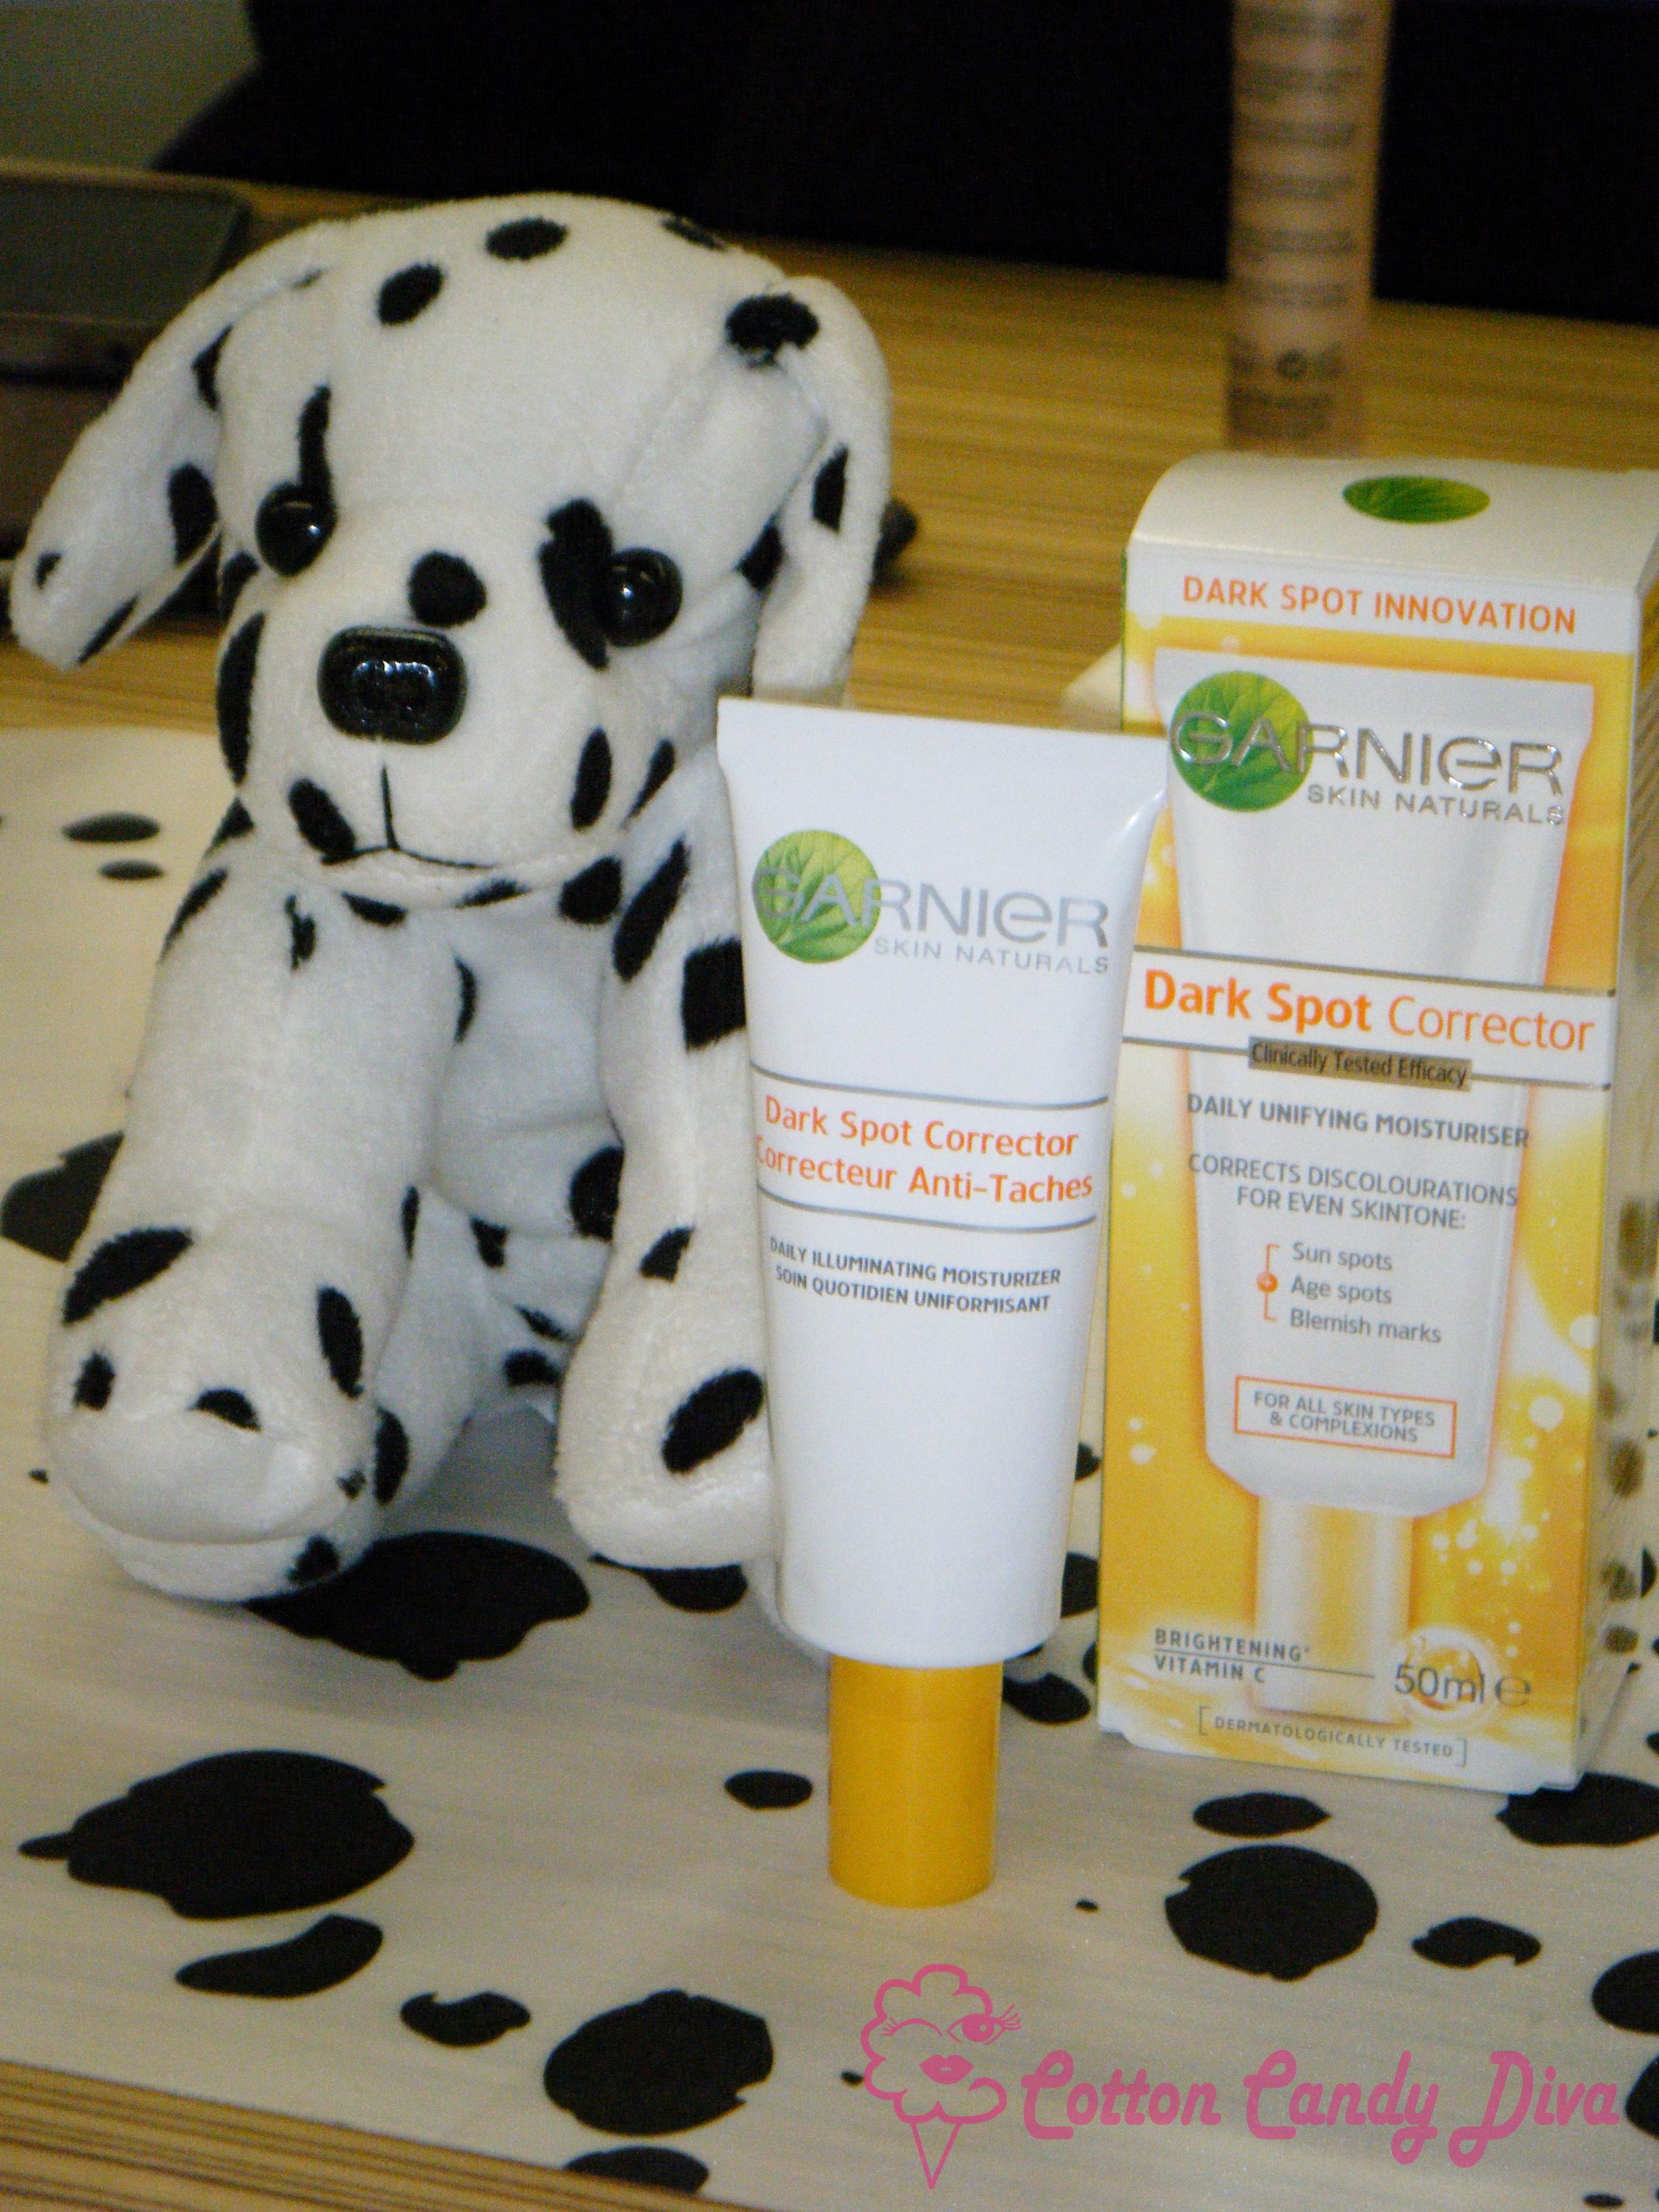 Garnier Face Cream For Dark Spots Garnier Dark Spot Corrector